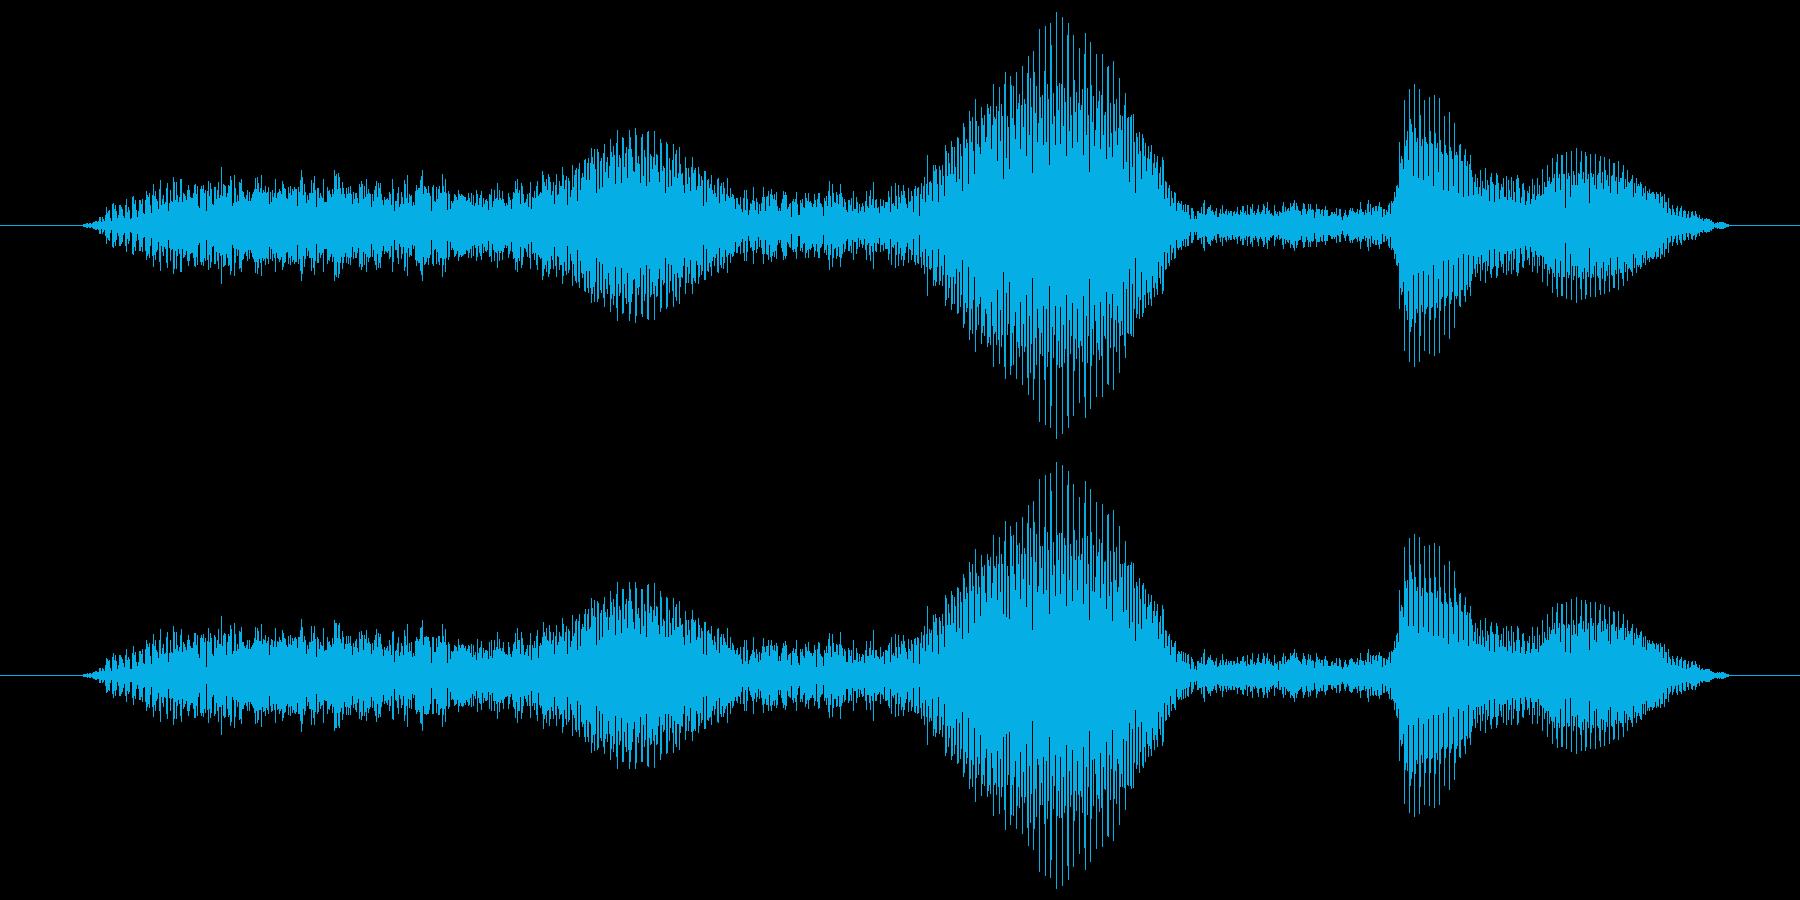 うふふふっ(女の子の笑い声)の再生済みの波形